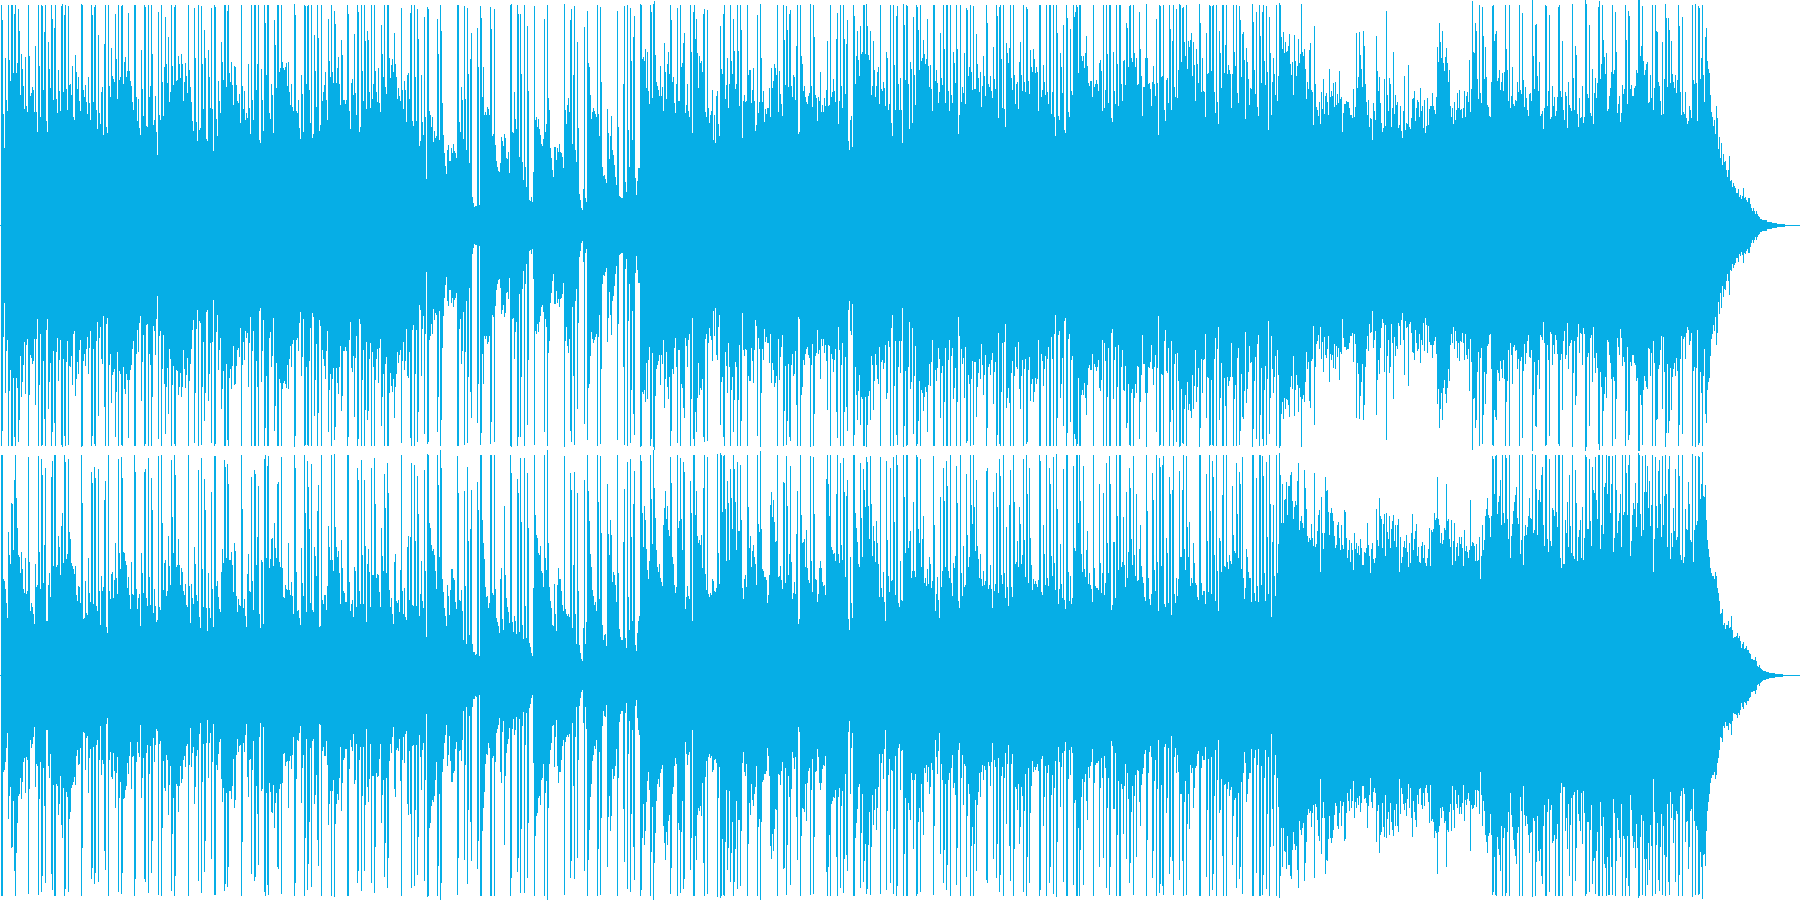 琴、尺八等、和楽器メインの穏やかな和風曲の再生済みの波形